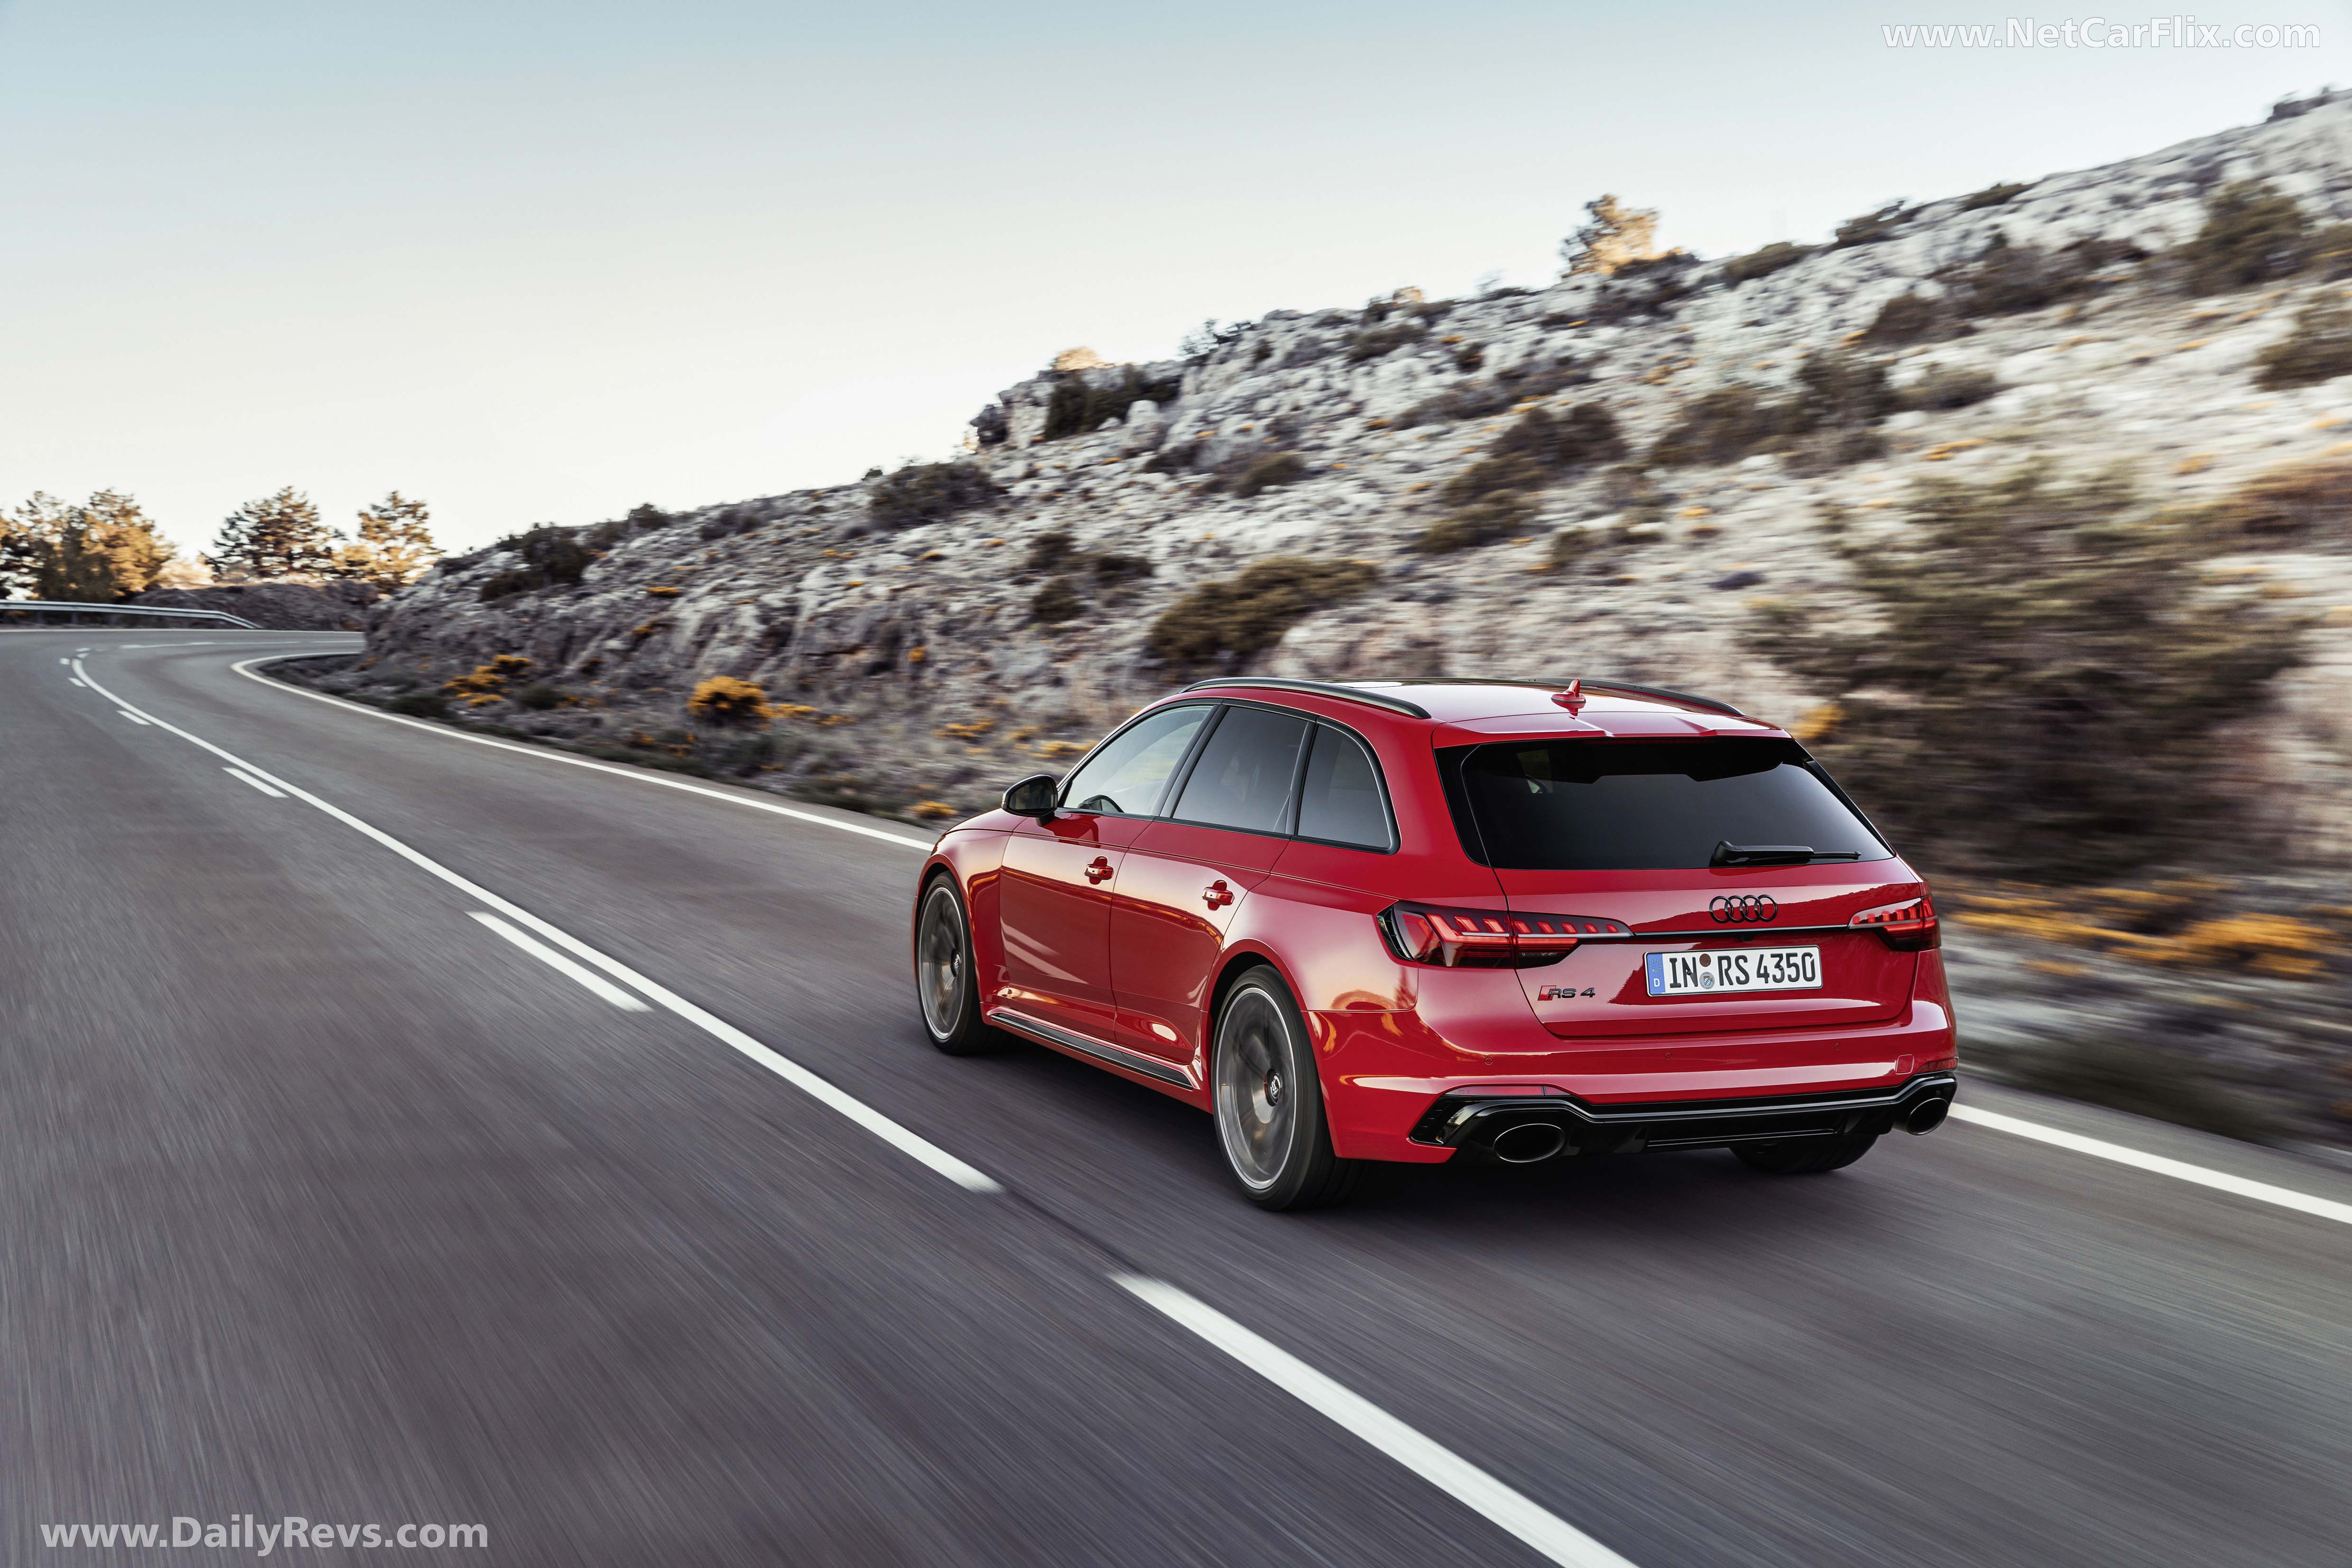 2020 Audi RS4 Avant - Pictures, Images, Photos ...